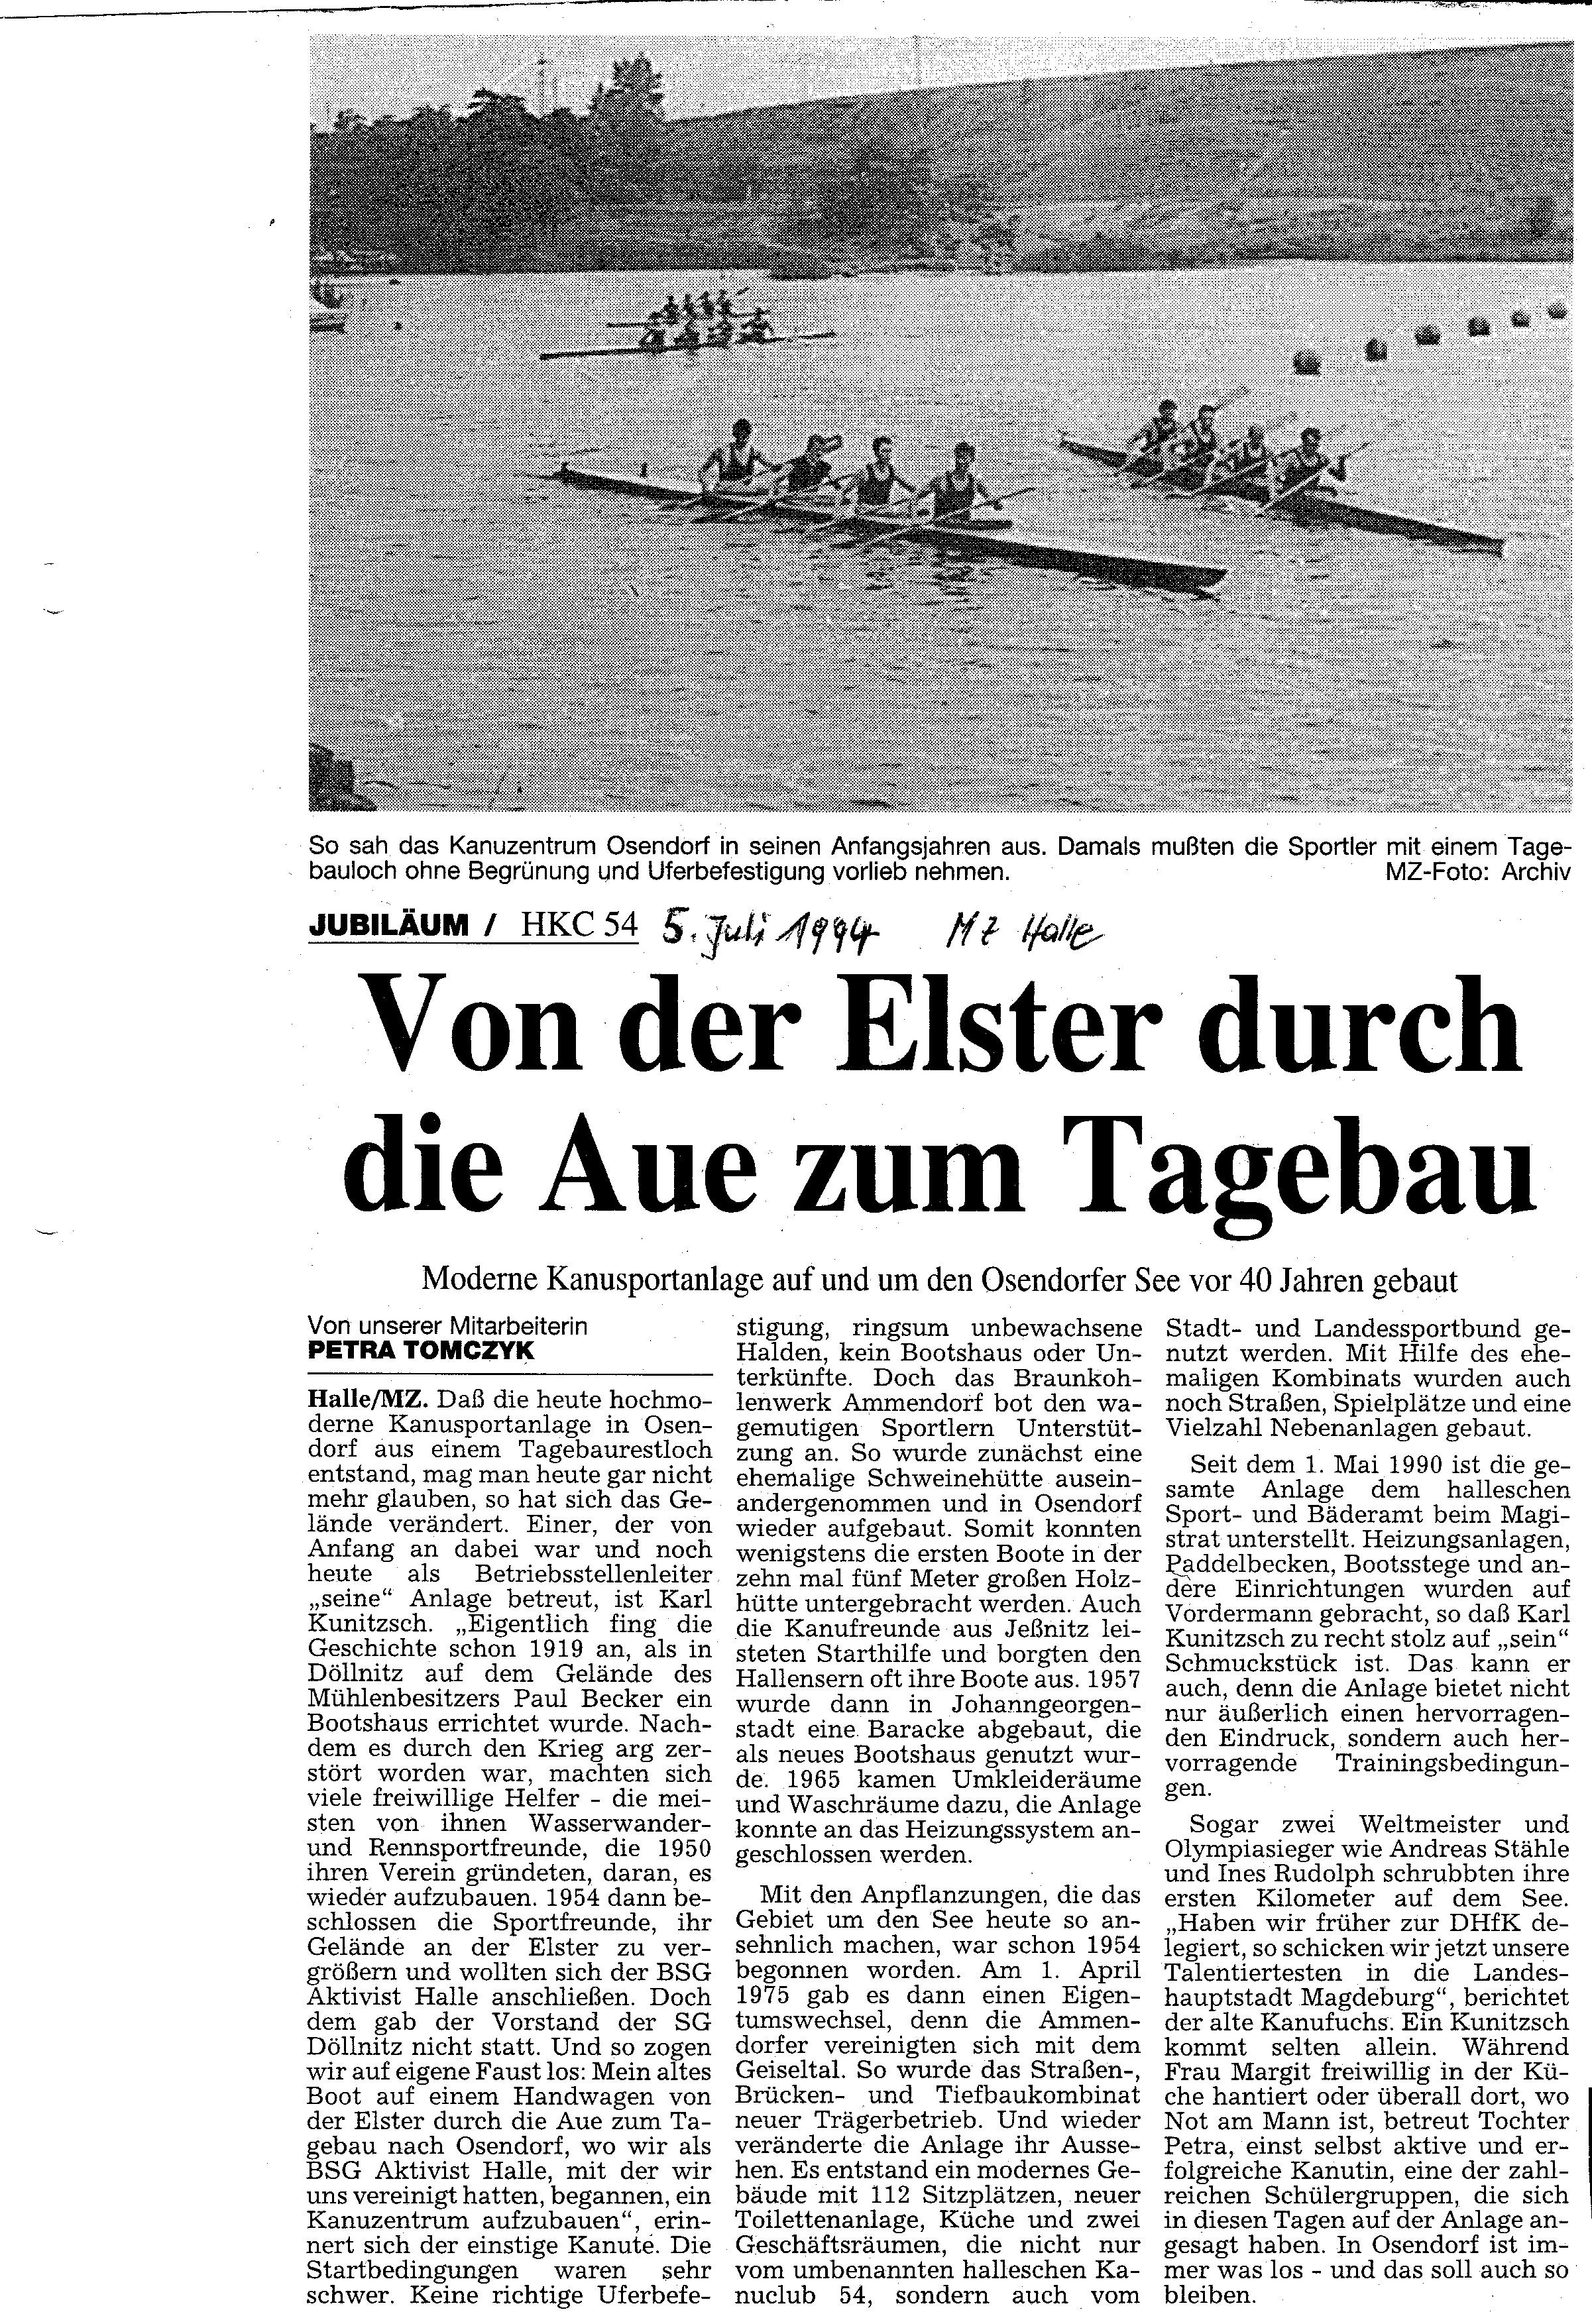 1994-07-05 MZ Von der Elster durch die Aue zum Tagebau